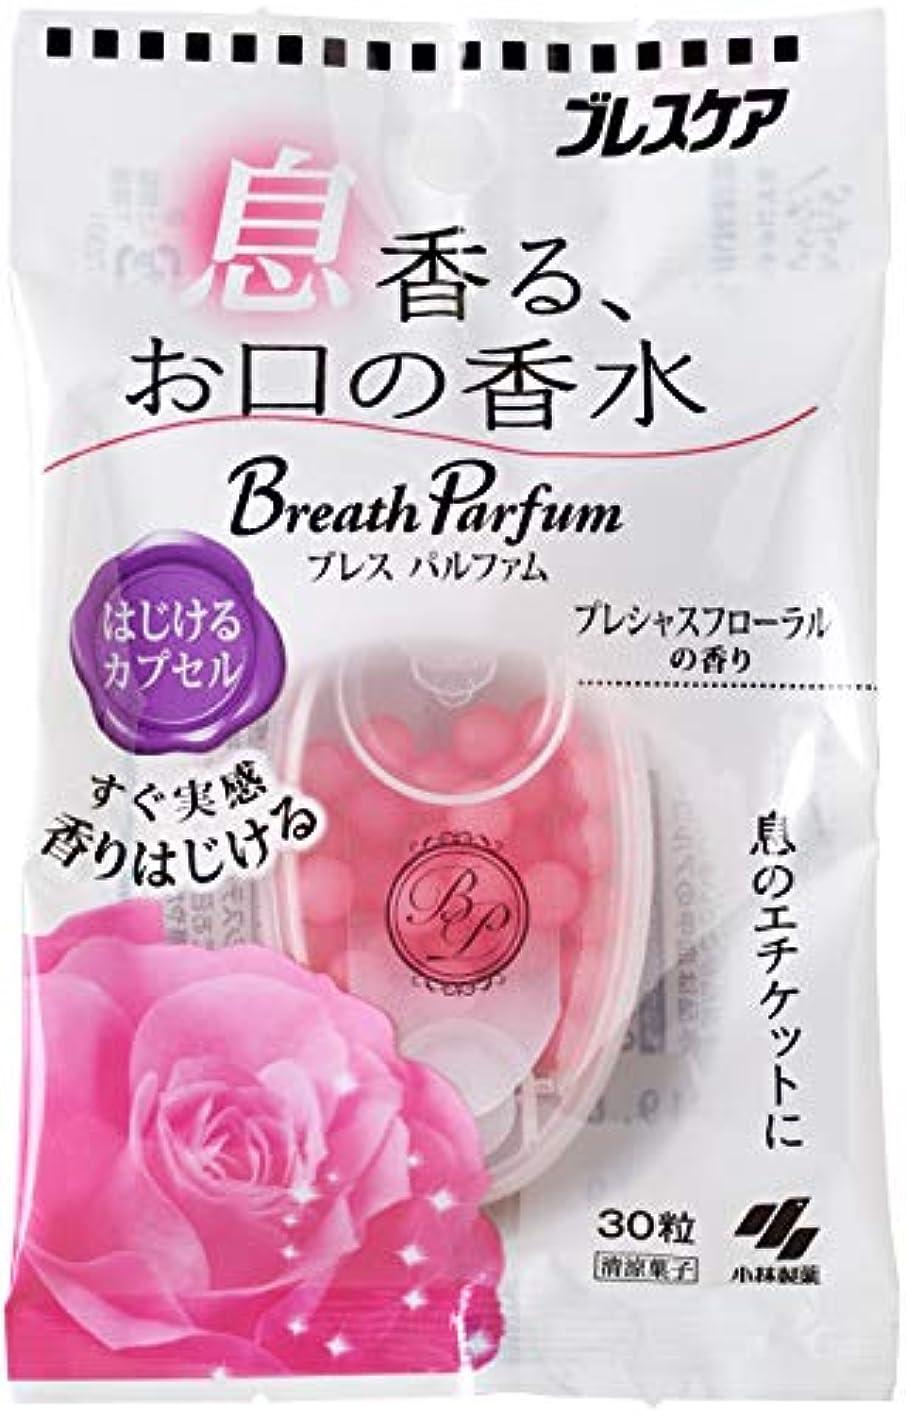 生まれネブしわブレスケア ブレスパルファム はじけるカプセルプレシャスフローラルの香り 30粒